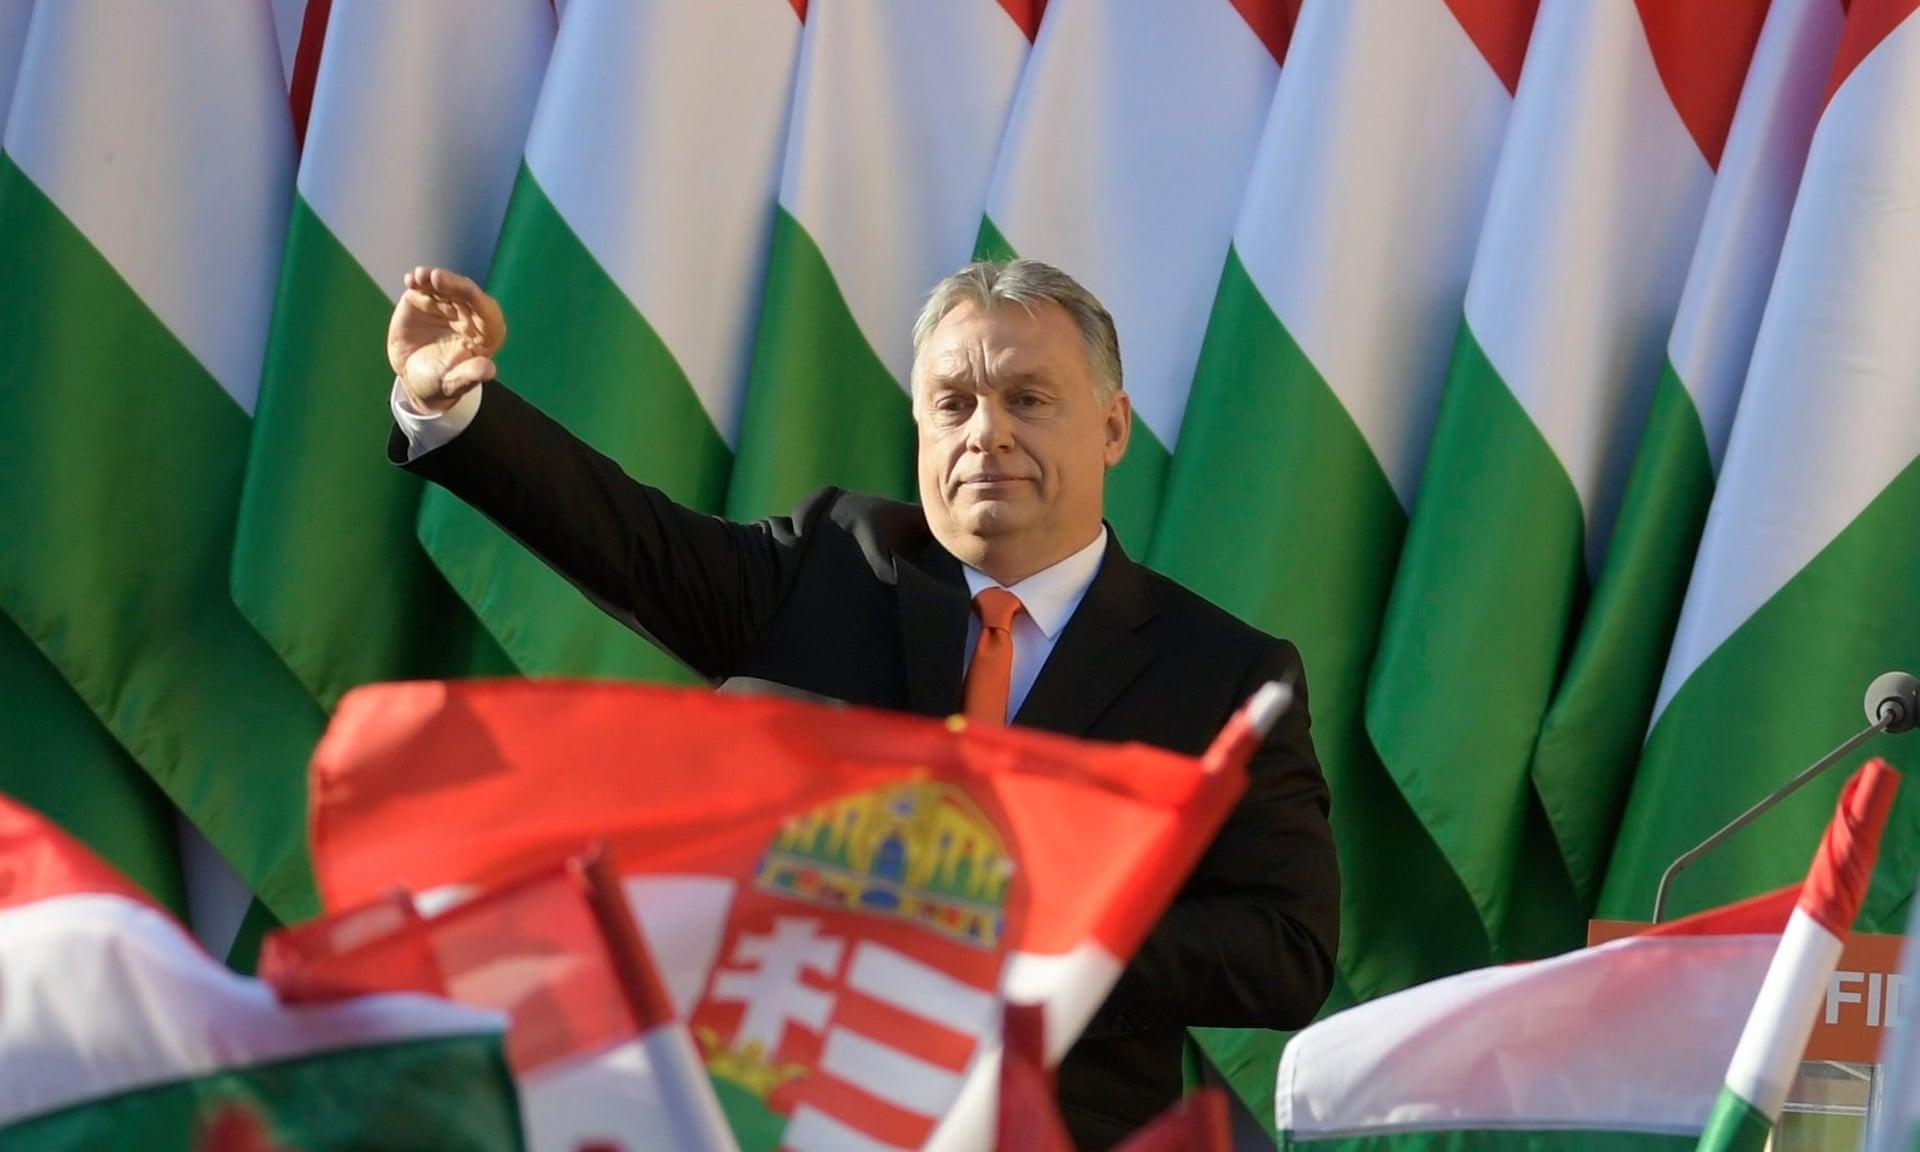 Правительство Венгрии считает санкции Европарламента «мелочной местью» политиков, дружественно настроенных в отношении мигрантов